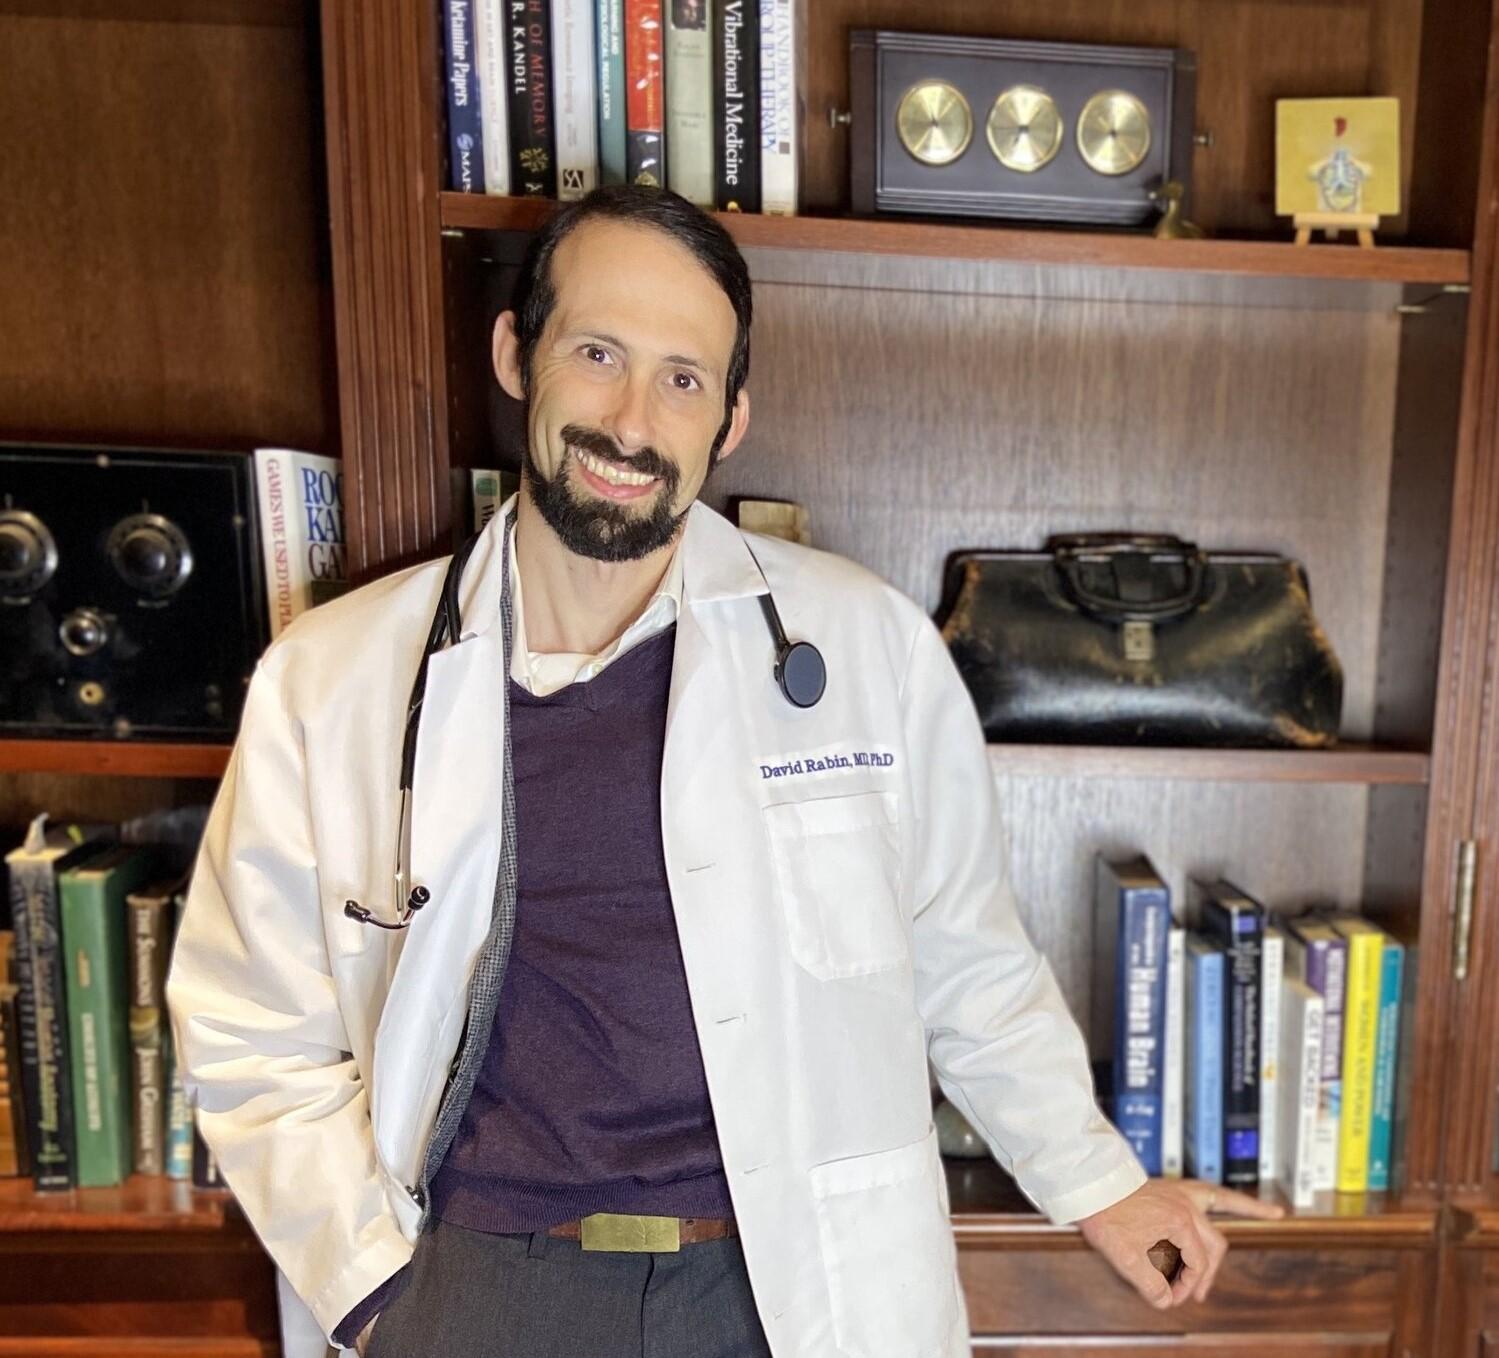 Dr. David Rabin [Episode 430]